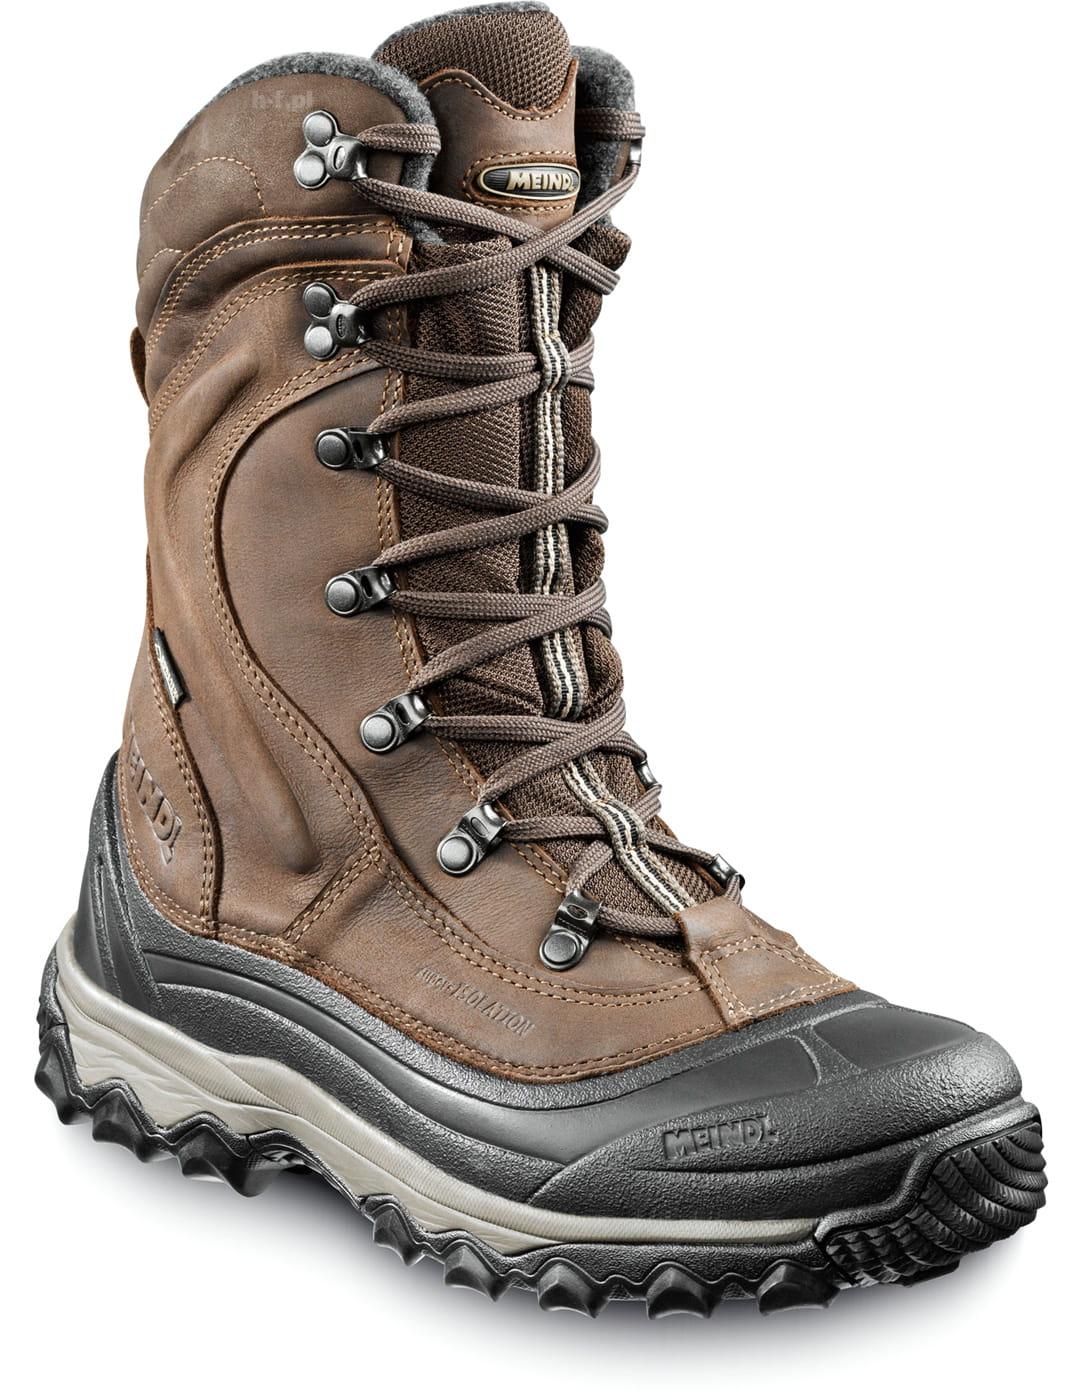 Garmich Lady Pro Gtx Meindl Damskie Terenowe Buty Zimowe Damskie Buty Zimowe Canadian Boots Autoryzowany Sklep Meindl H F Pl